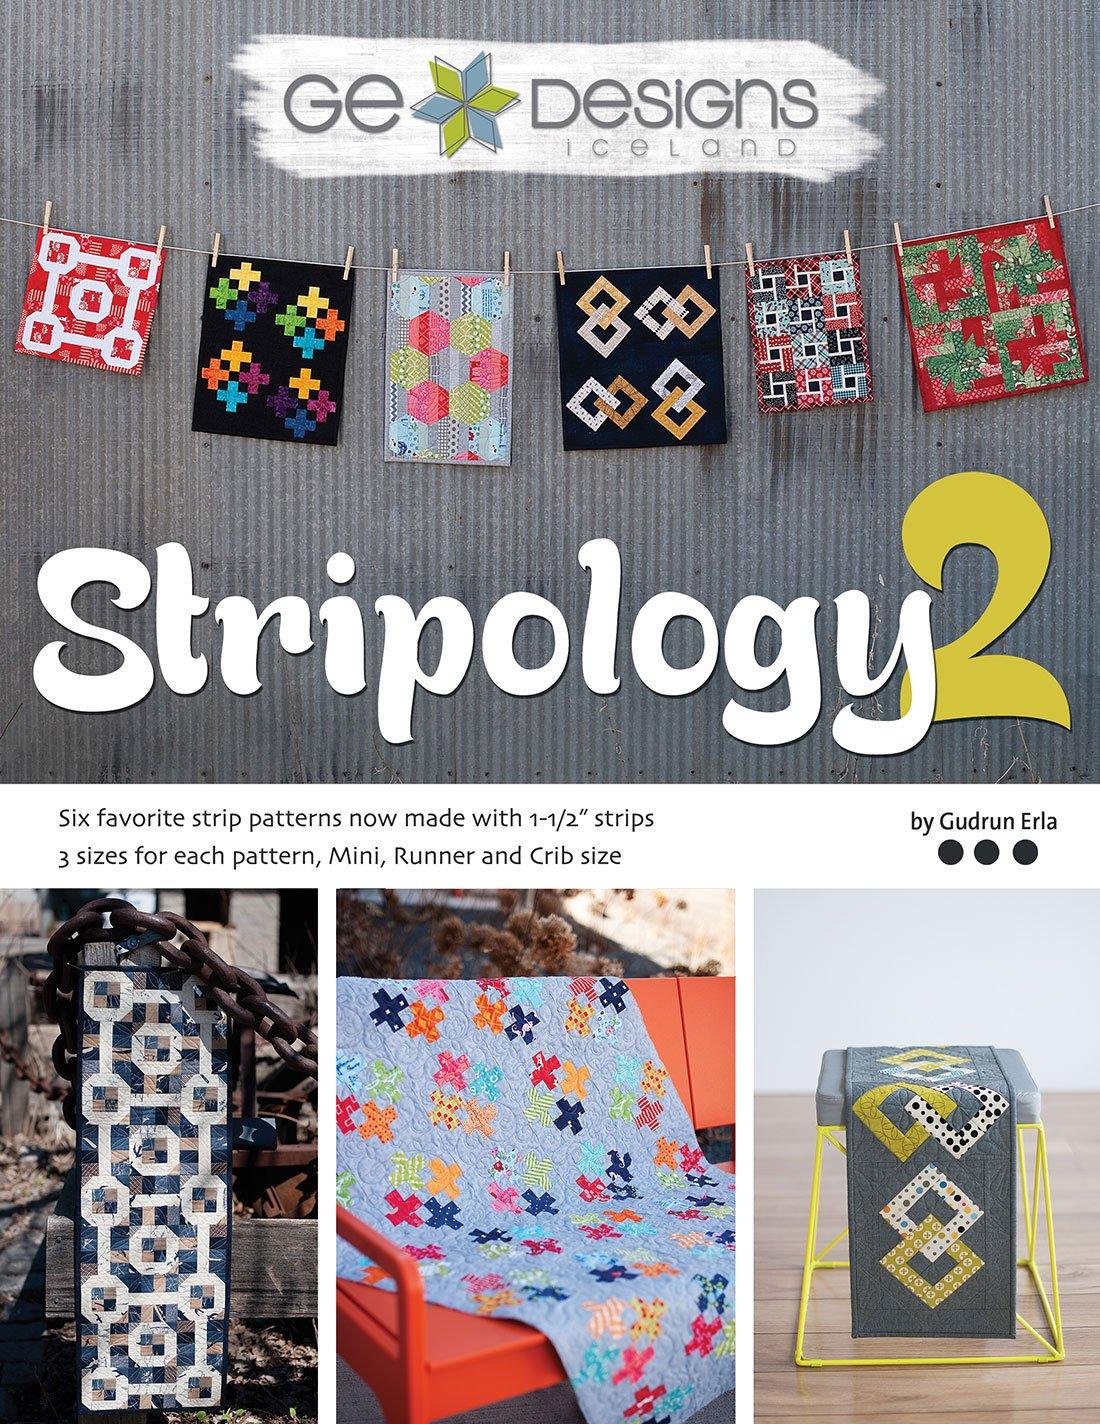 Stripology 2 - GE510